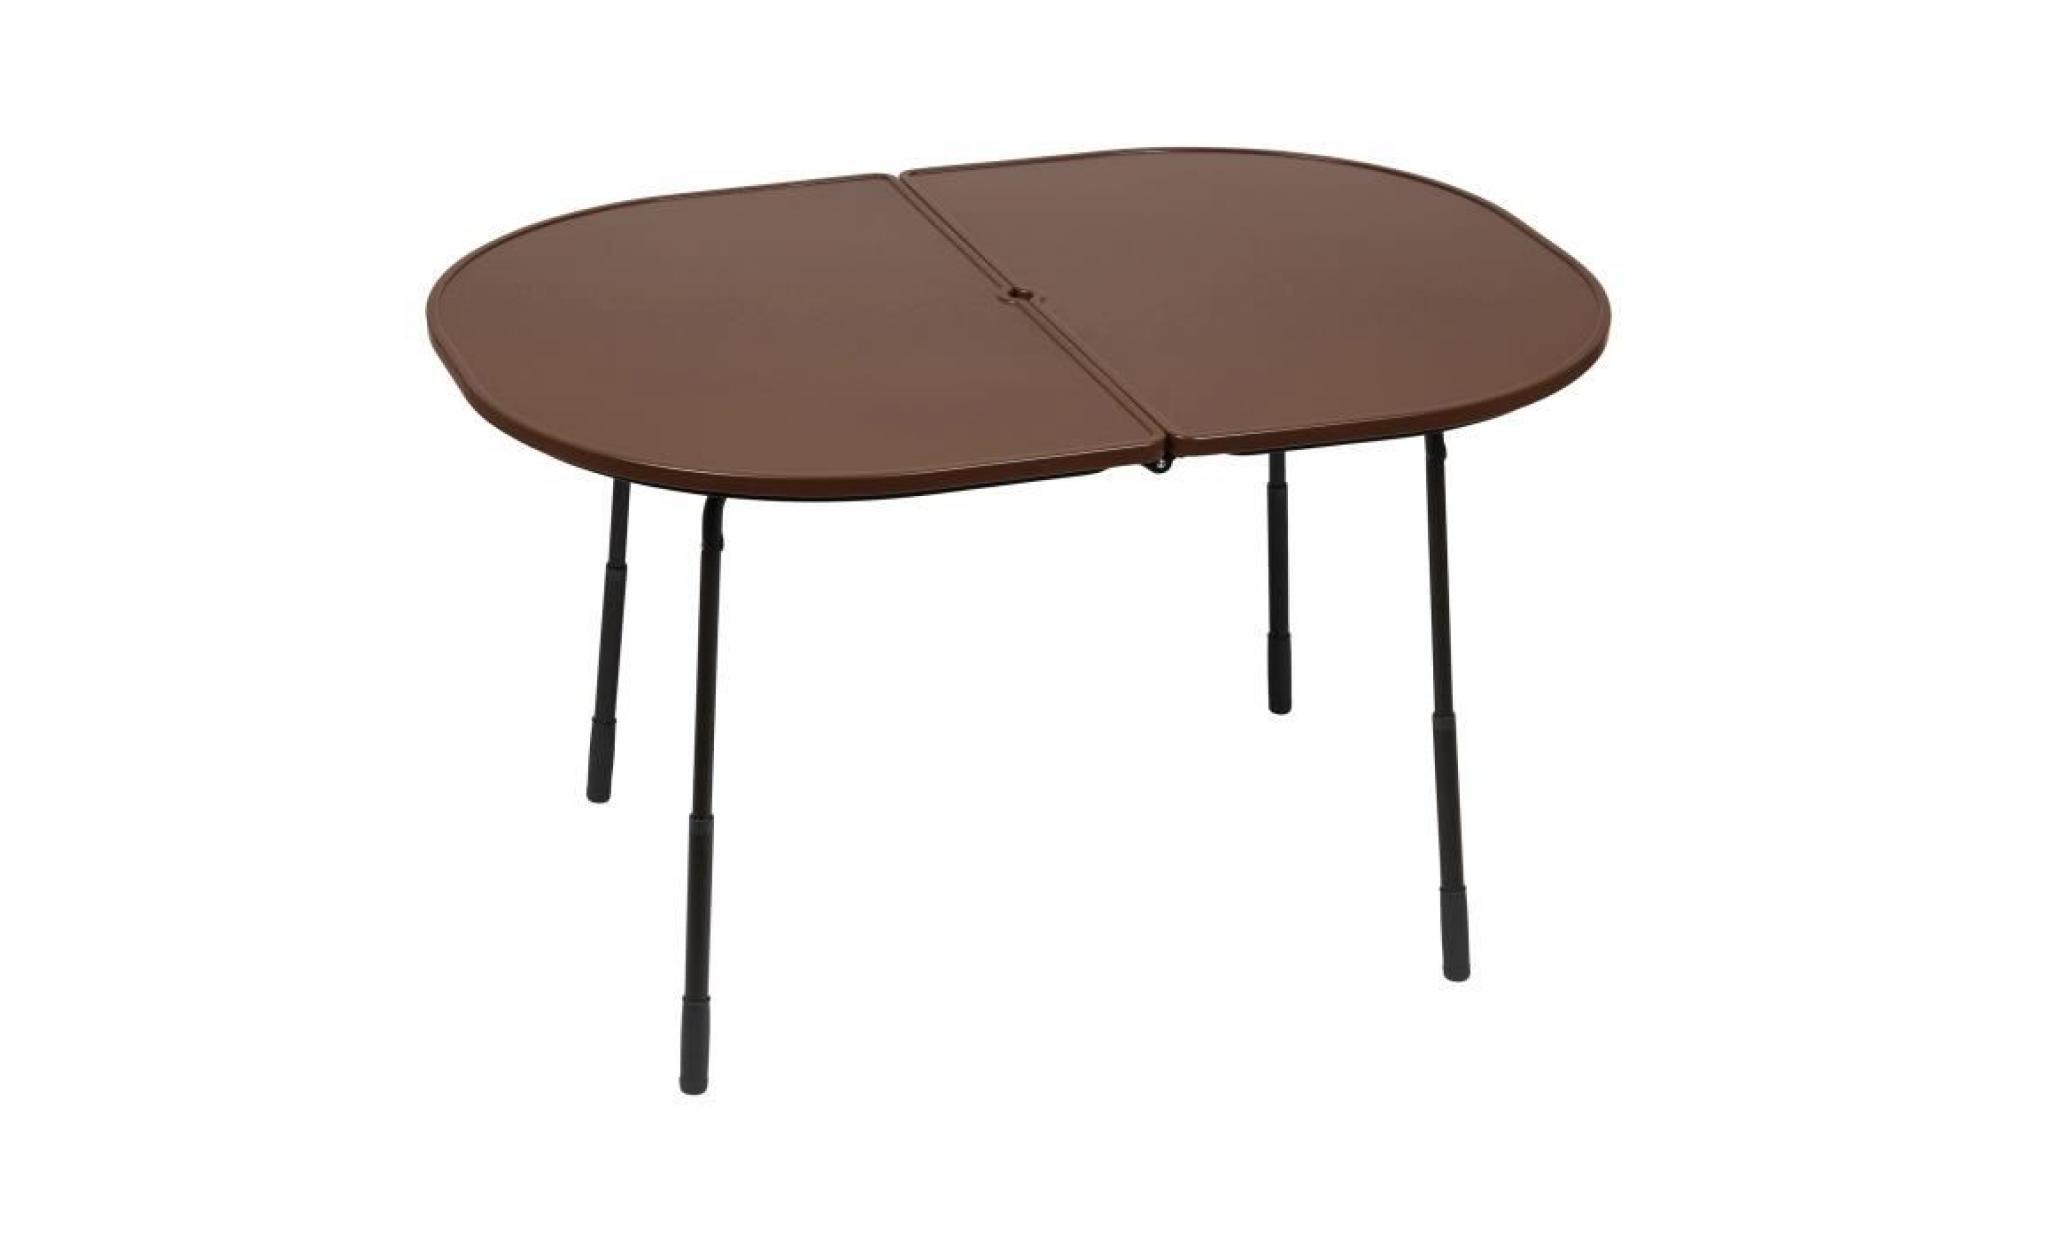 table pique nique pliante hauteur r glable acier plateau stratifi hawai chocolat achat. Black Bedroom Furniture Sets. Home Design Ideas